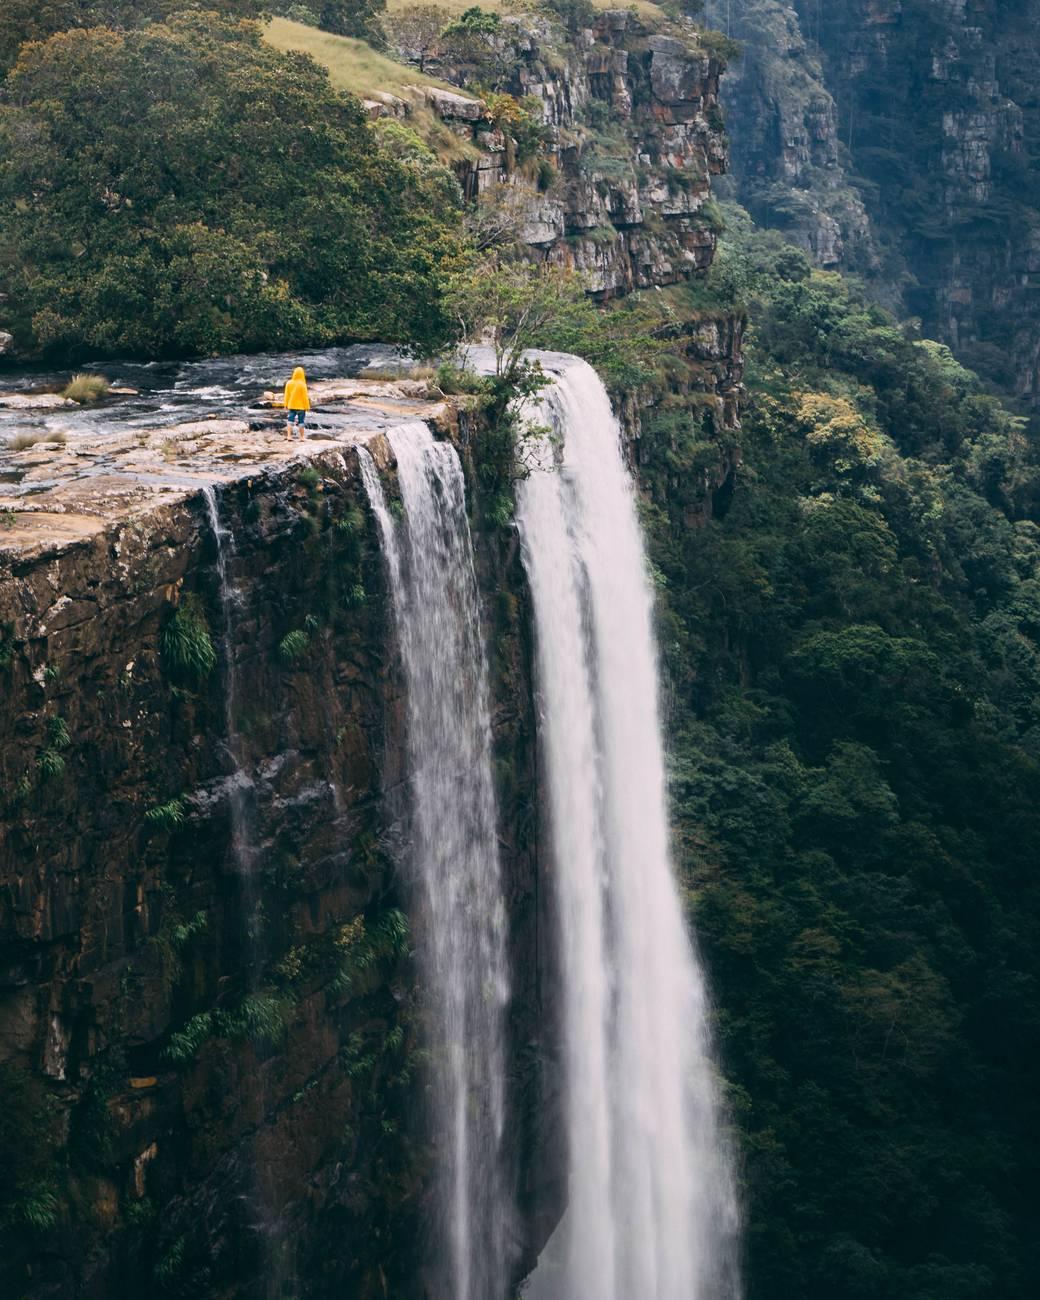 photo of waterfalls during daytime